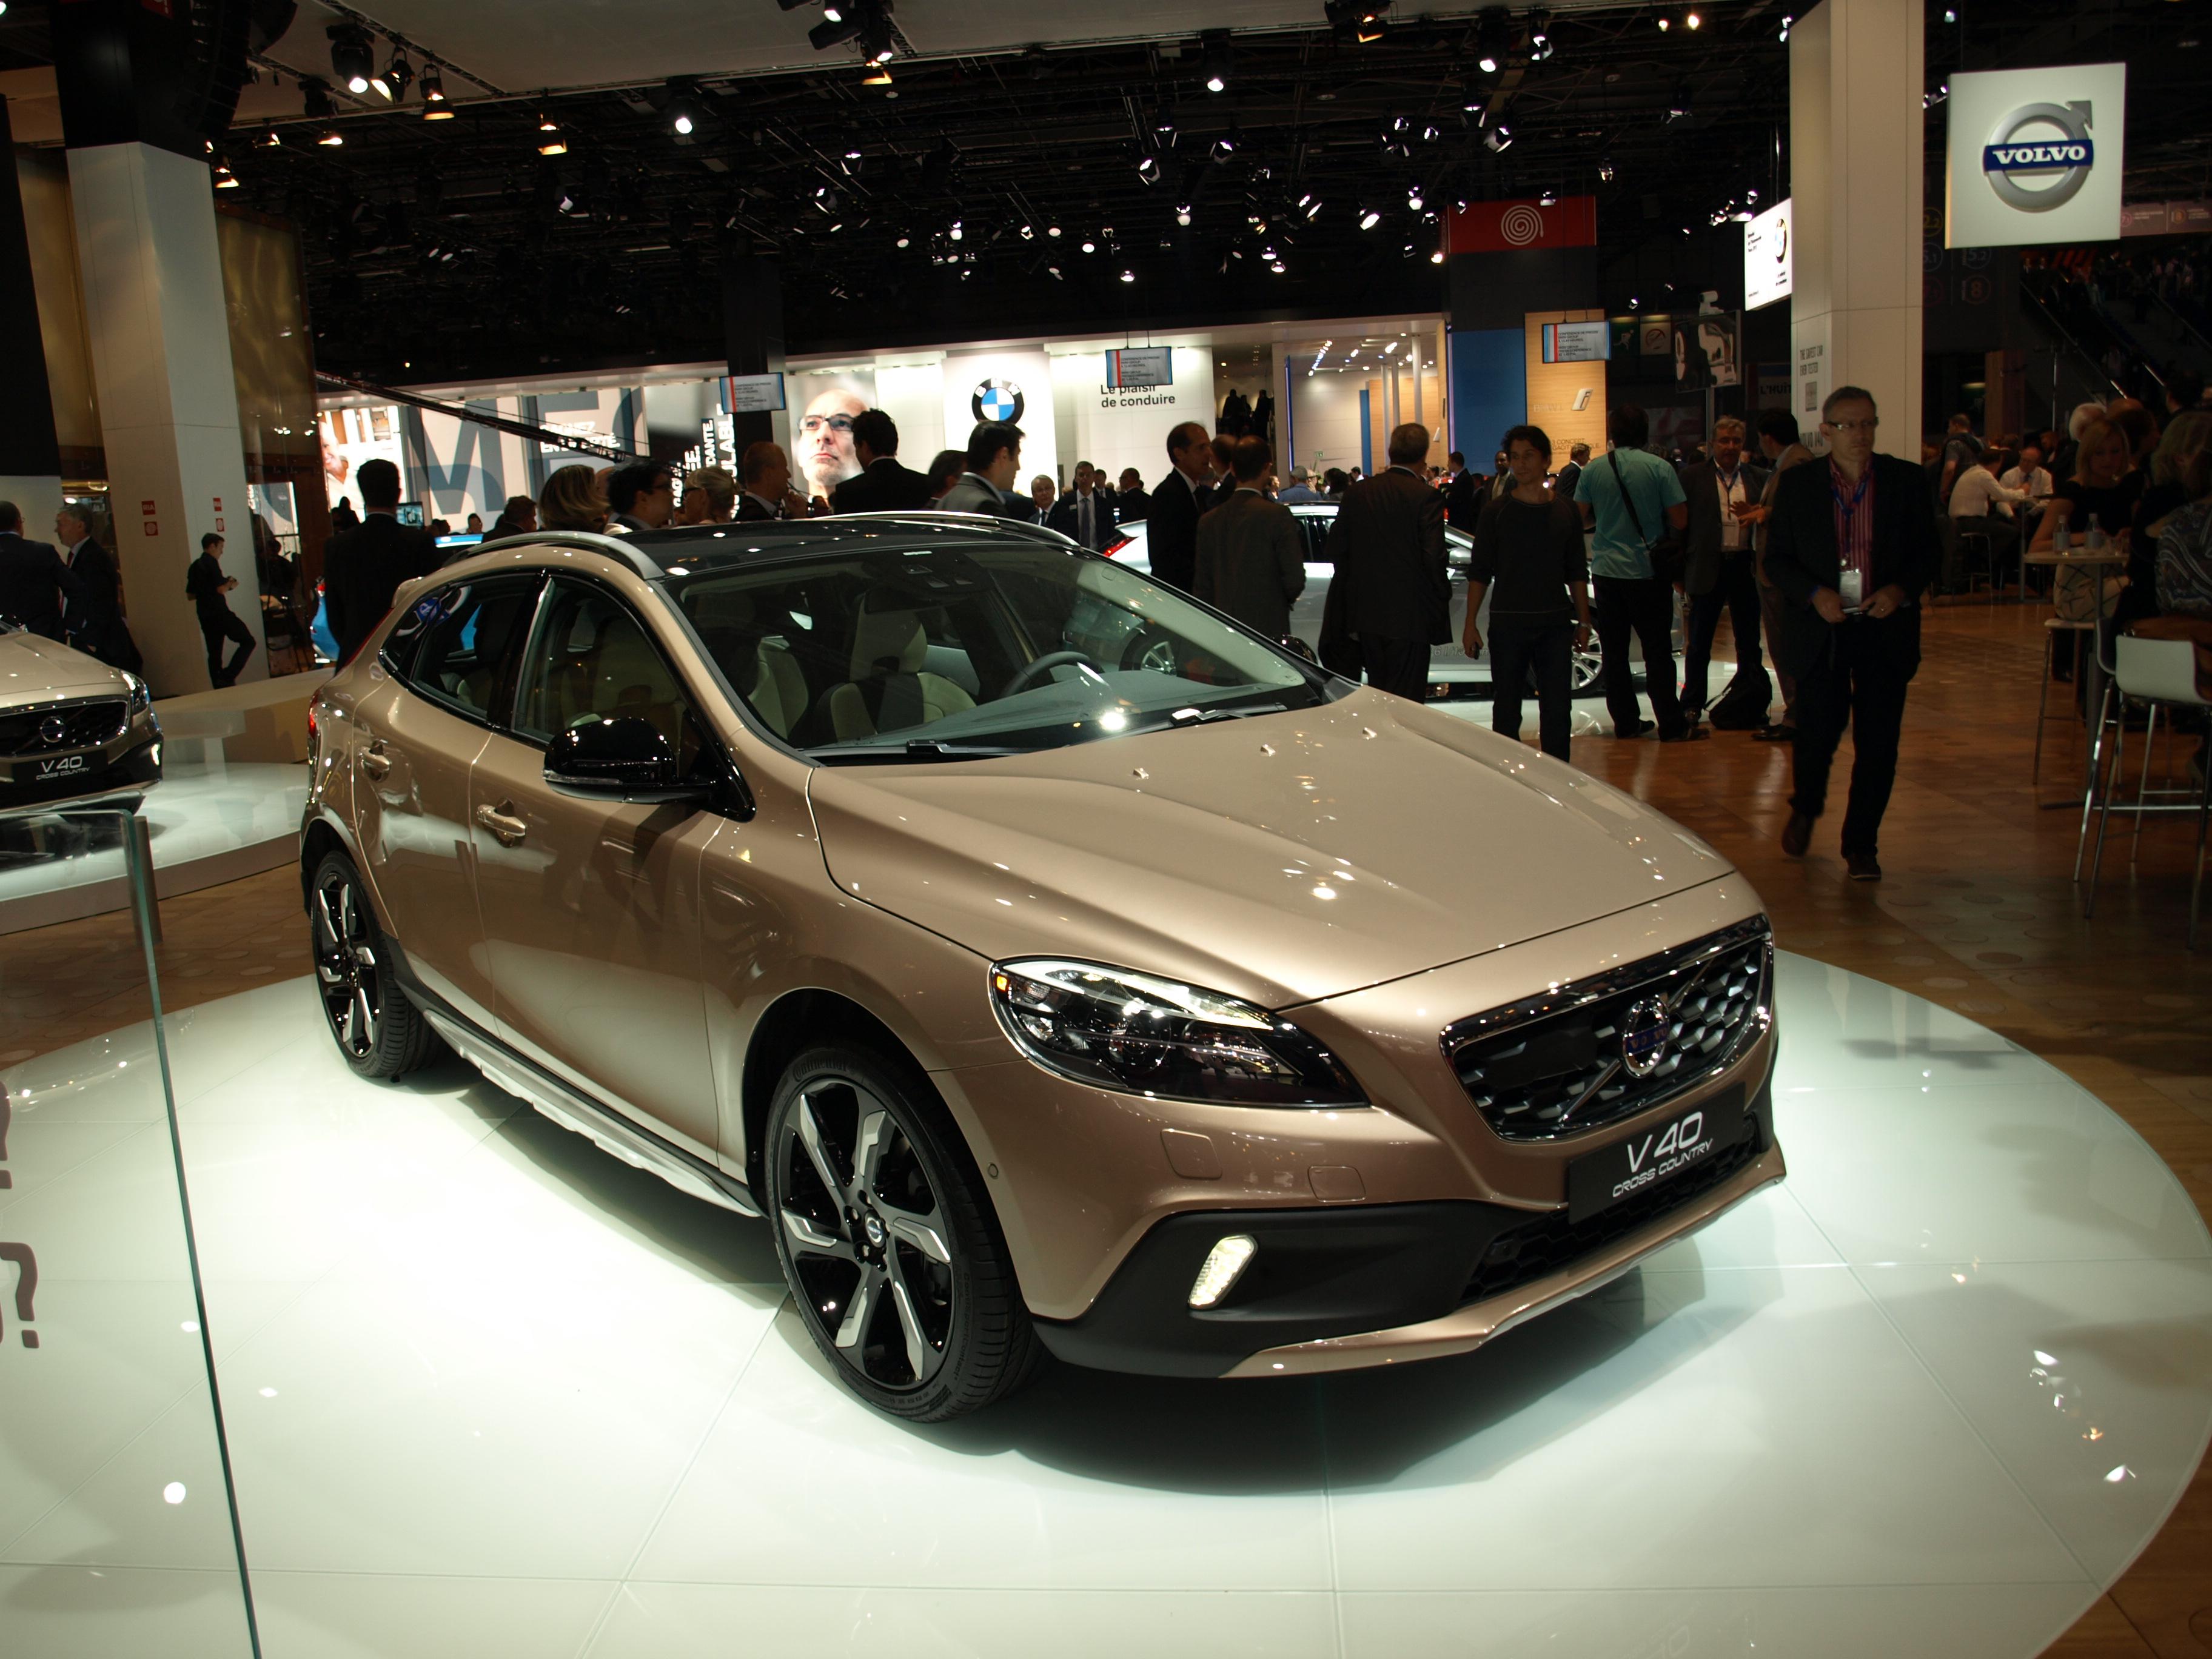 http://images.caradisiac.com/images/1/3/8/1/81381/S0-En-direct-du-Mondial-de-l-auto-Volvo-V40-Cross-Country-sus-au-X1-273673.jpg